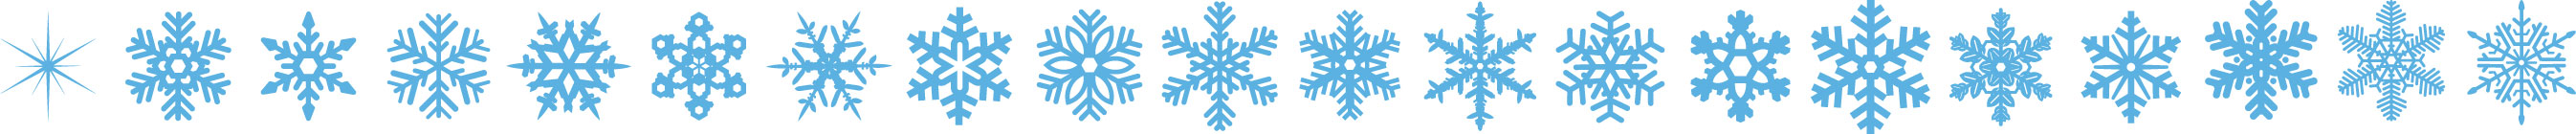 冬の画像サンプル-結晶のライン